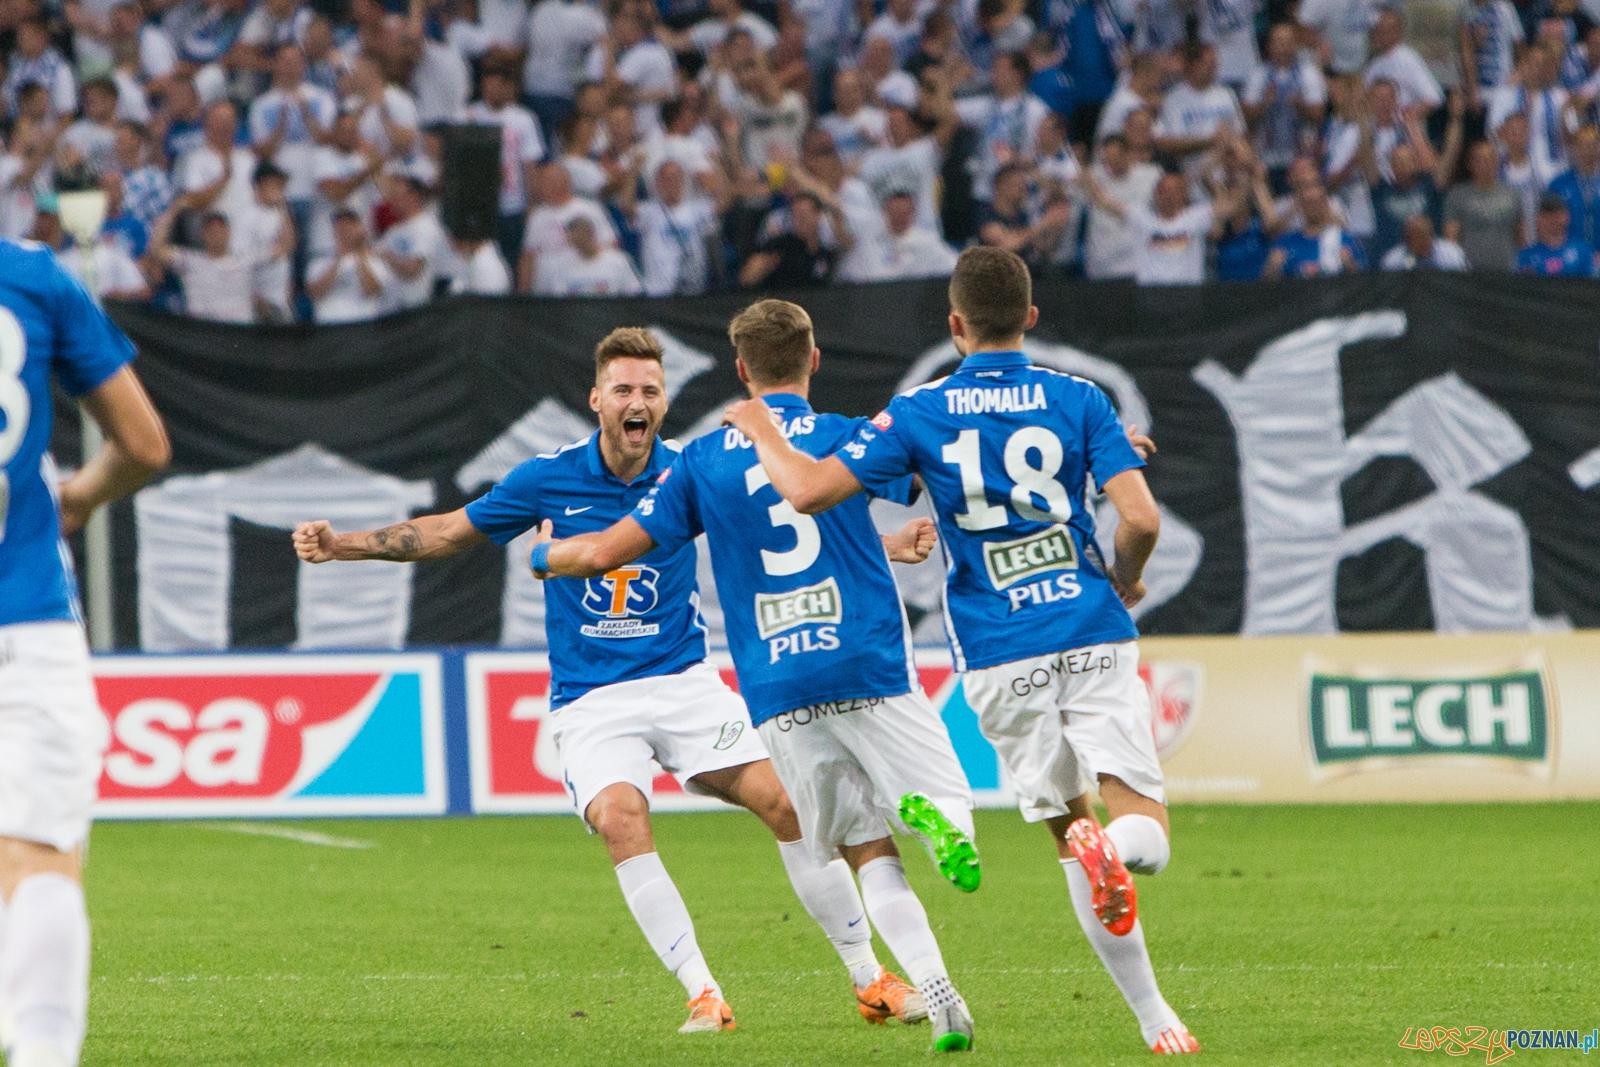 Eliminacje Ligii Mistrzów - Lech Poznań - FK Sarajevo  Foto: lepszyPOZNAN.pl / Piotr Rychter